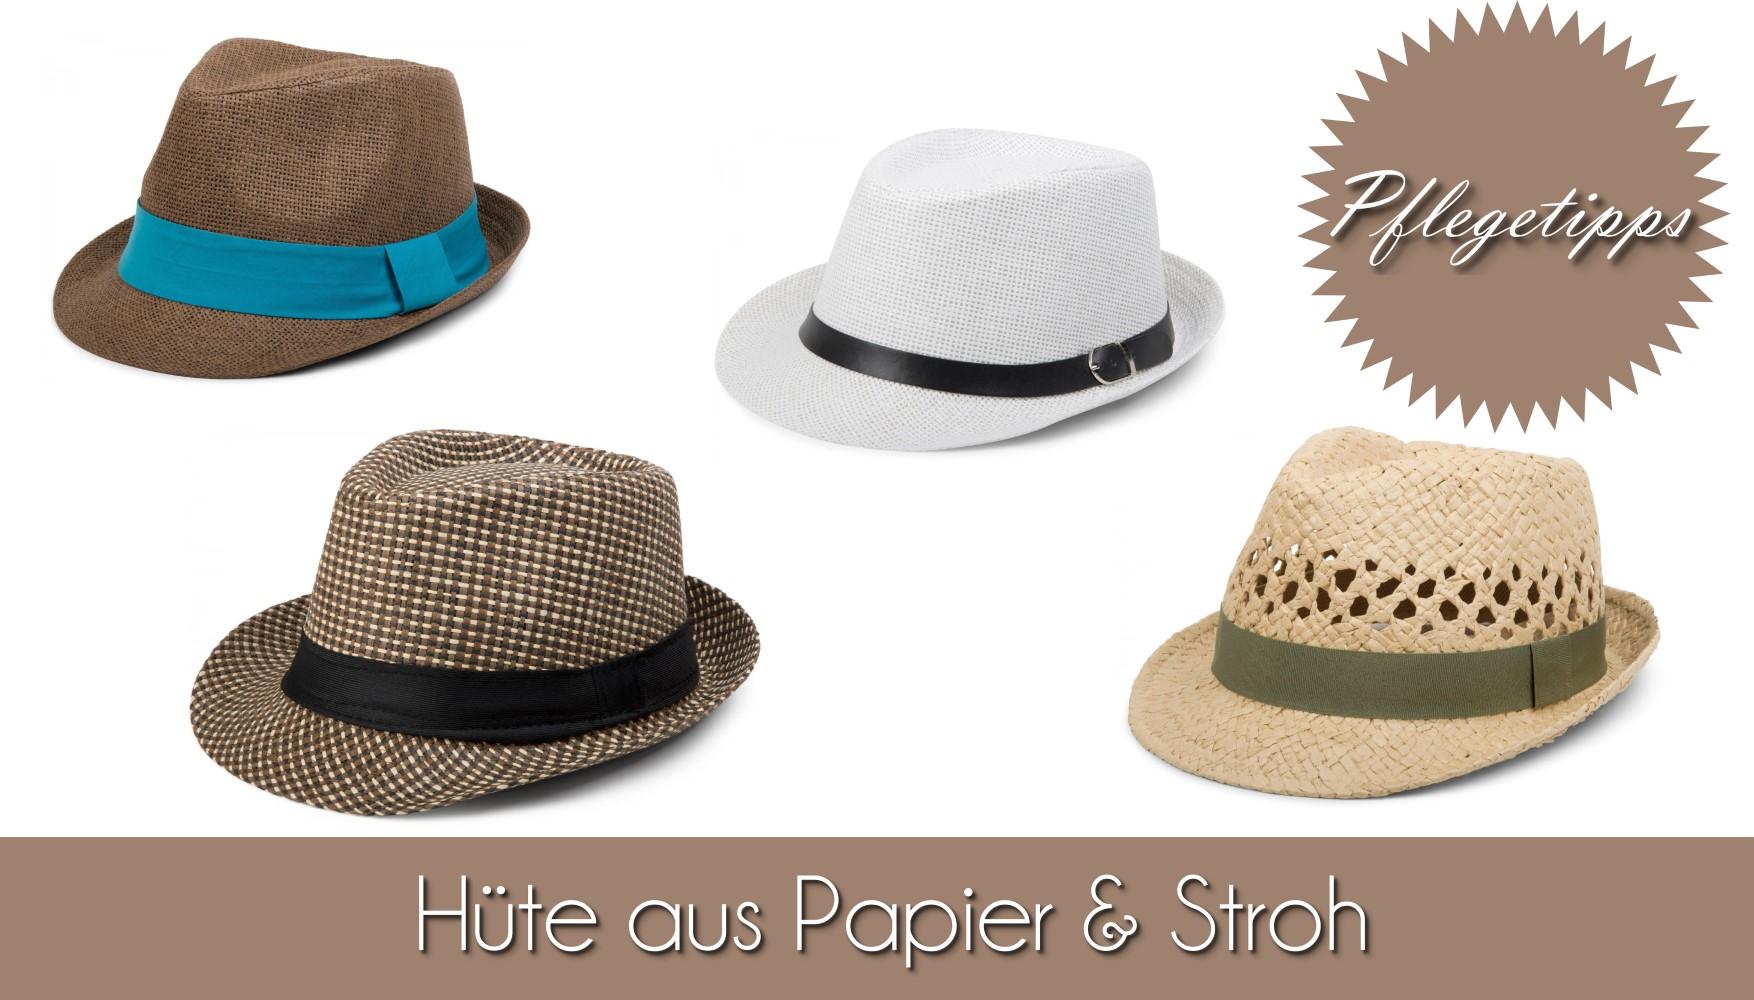 Tipp Pflegetipps Hüte Papier und Stohhüte